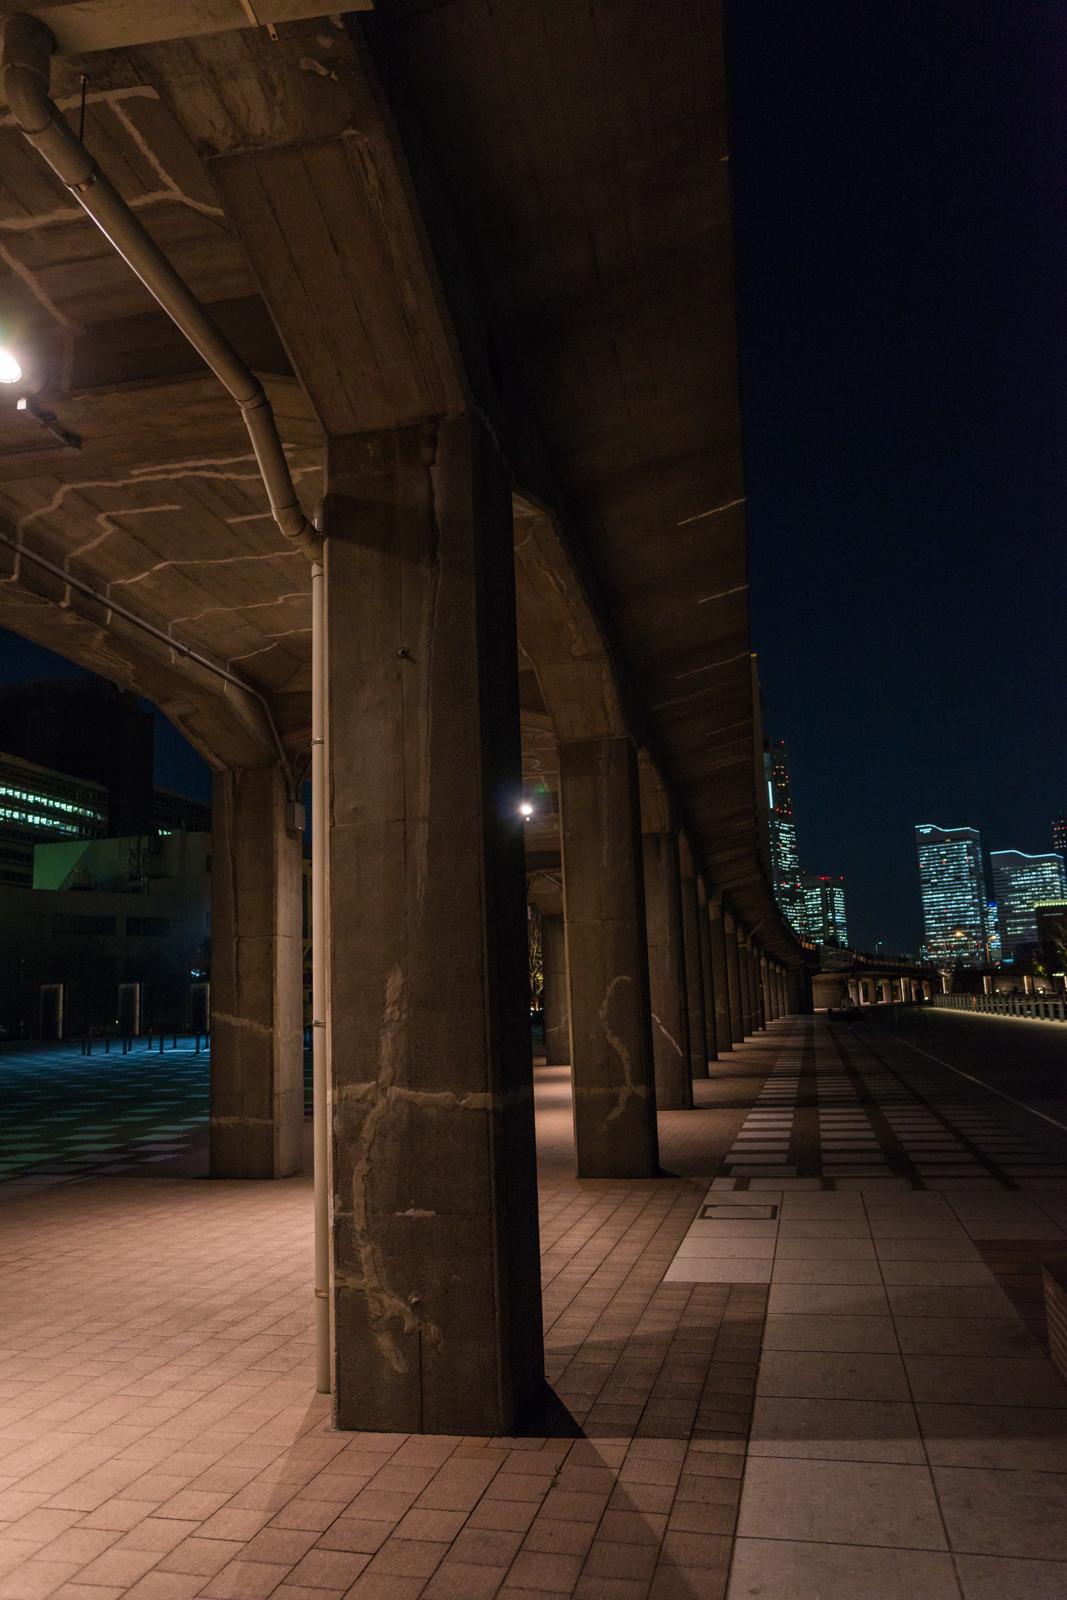 横浜、大さん橋にて手持ちで撮影した夜景写真 4